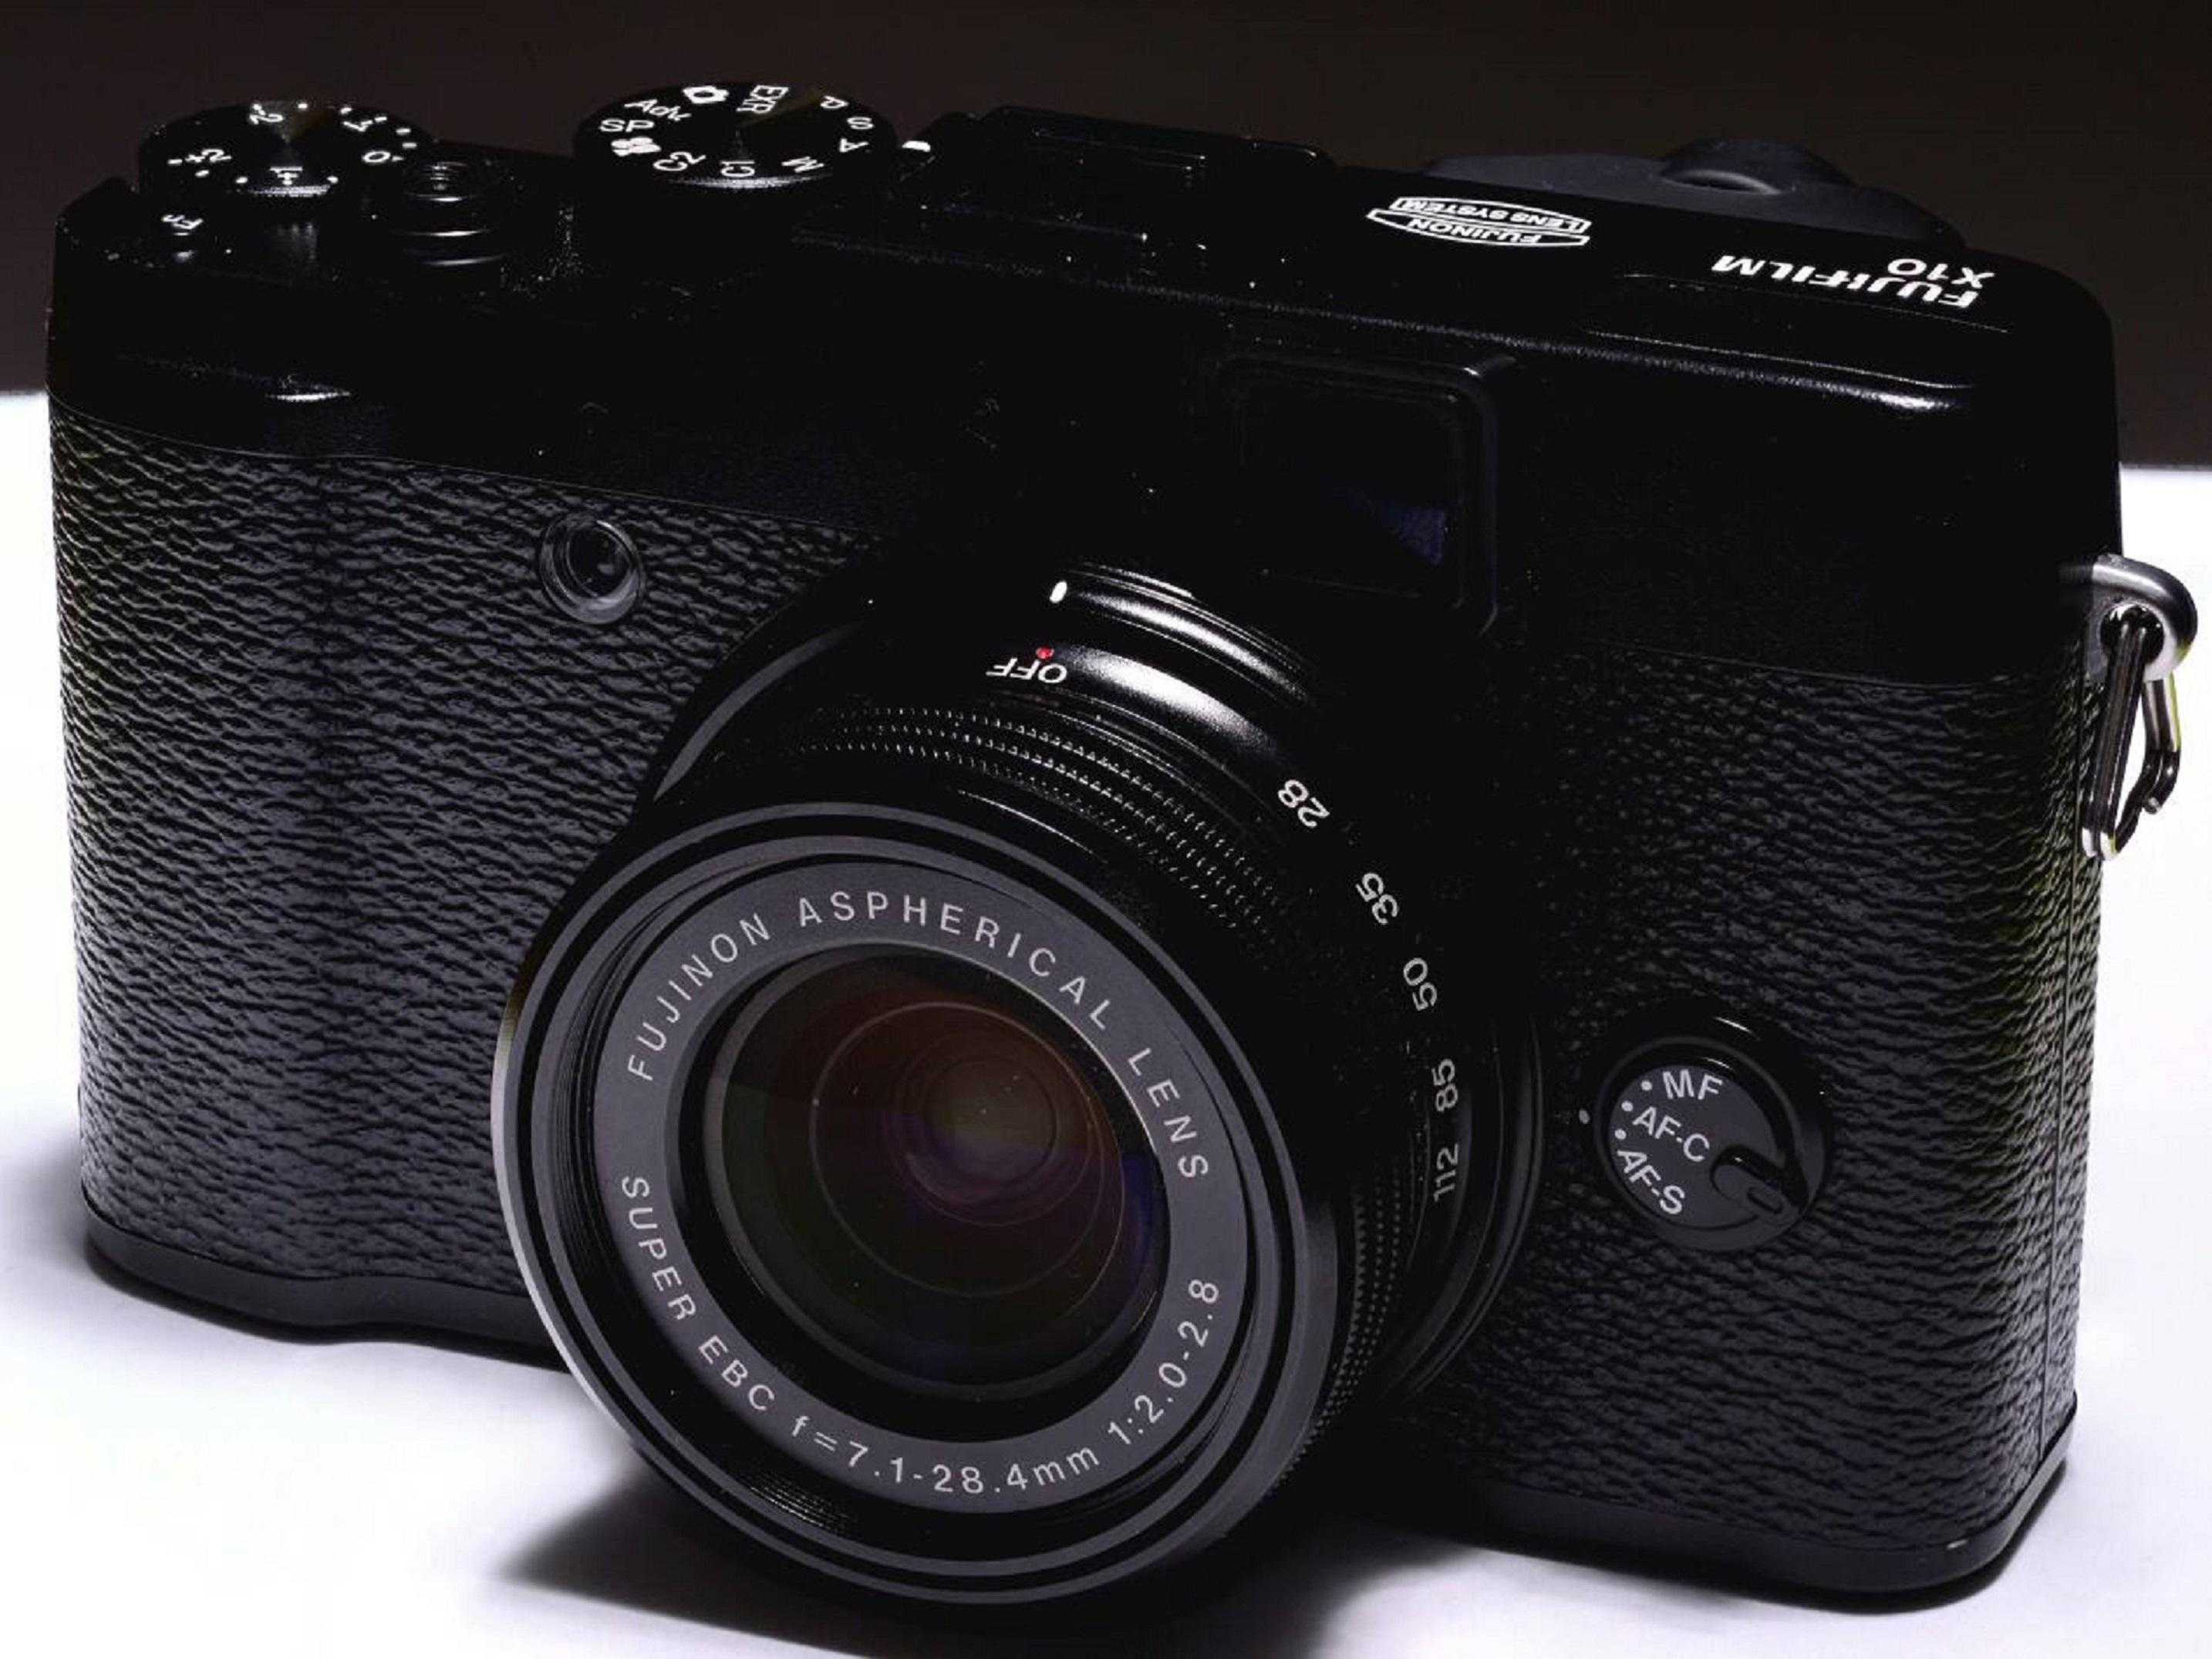 Entfernungsmesser Für Fotografie : Kostenlose foto : fotografie fujifilm linse produkt